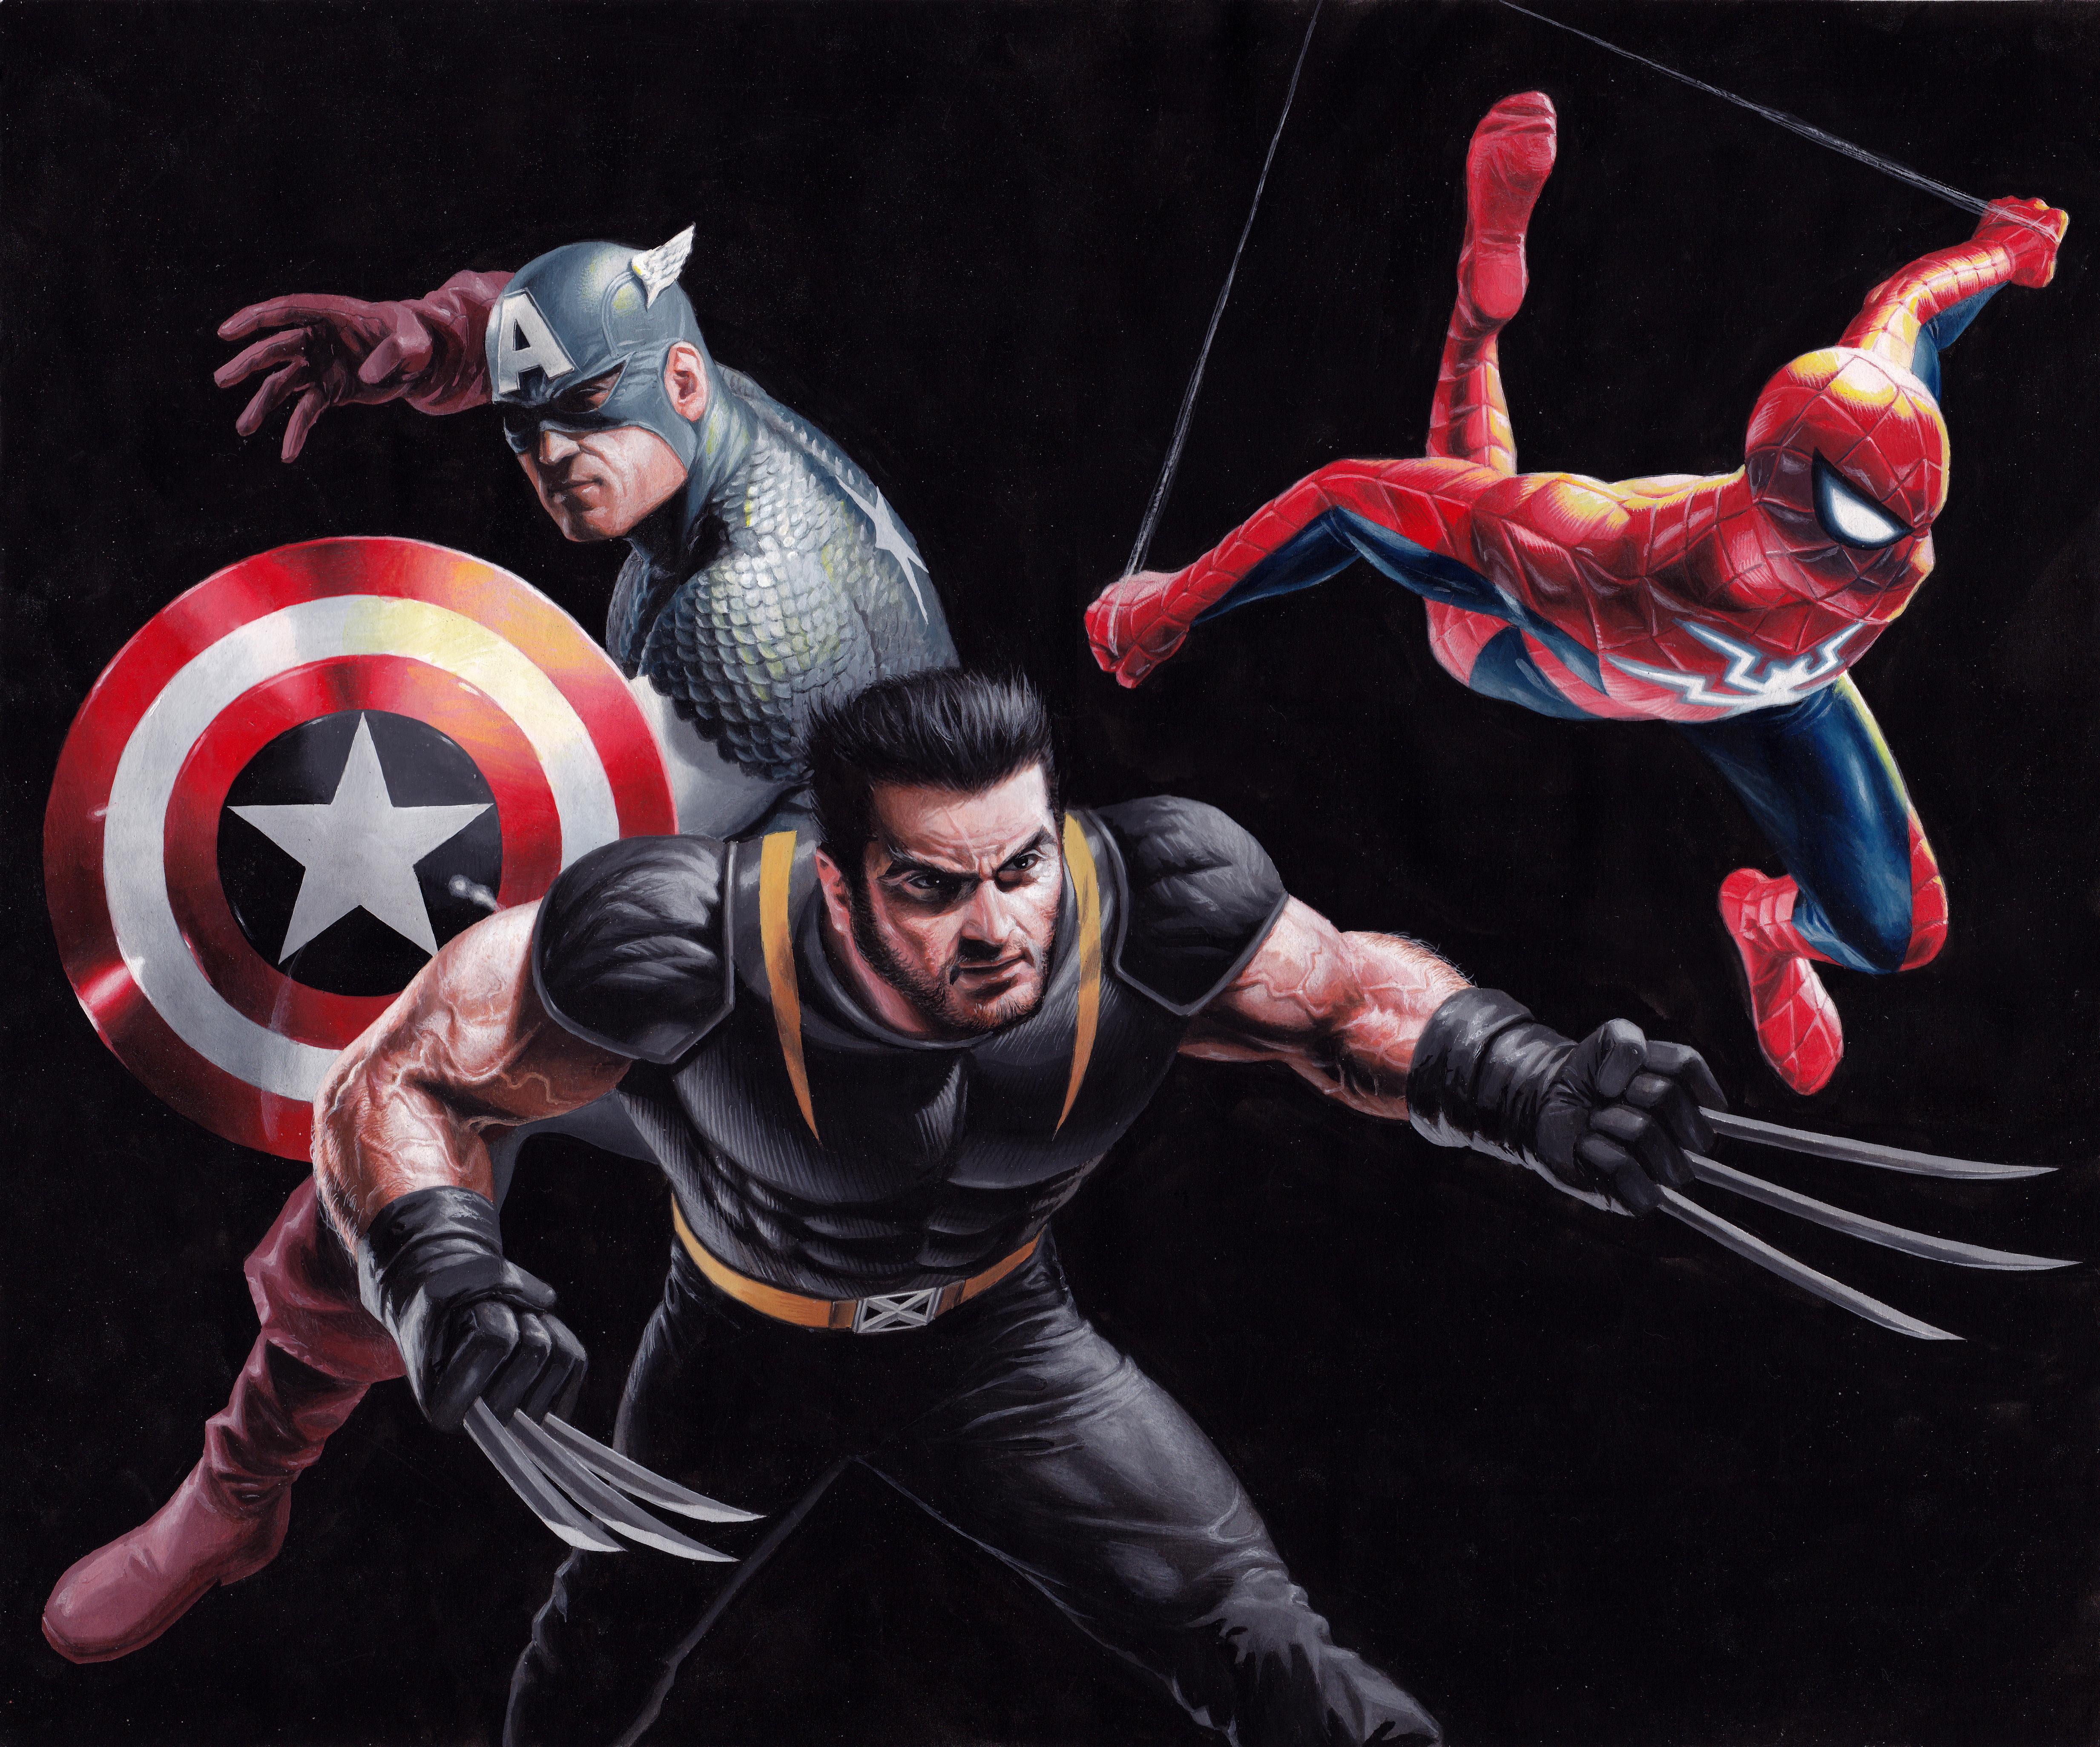 captain america spider man wolverine art 1576098014 - Captain America Spider man Wolverine art - Captain America Spider man Wolverine 4k wallpaper